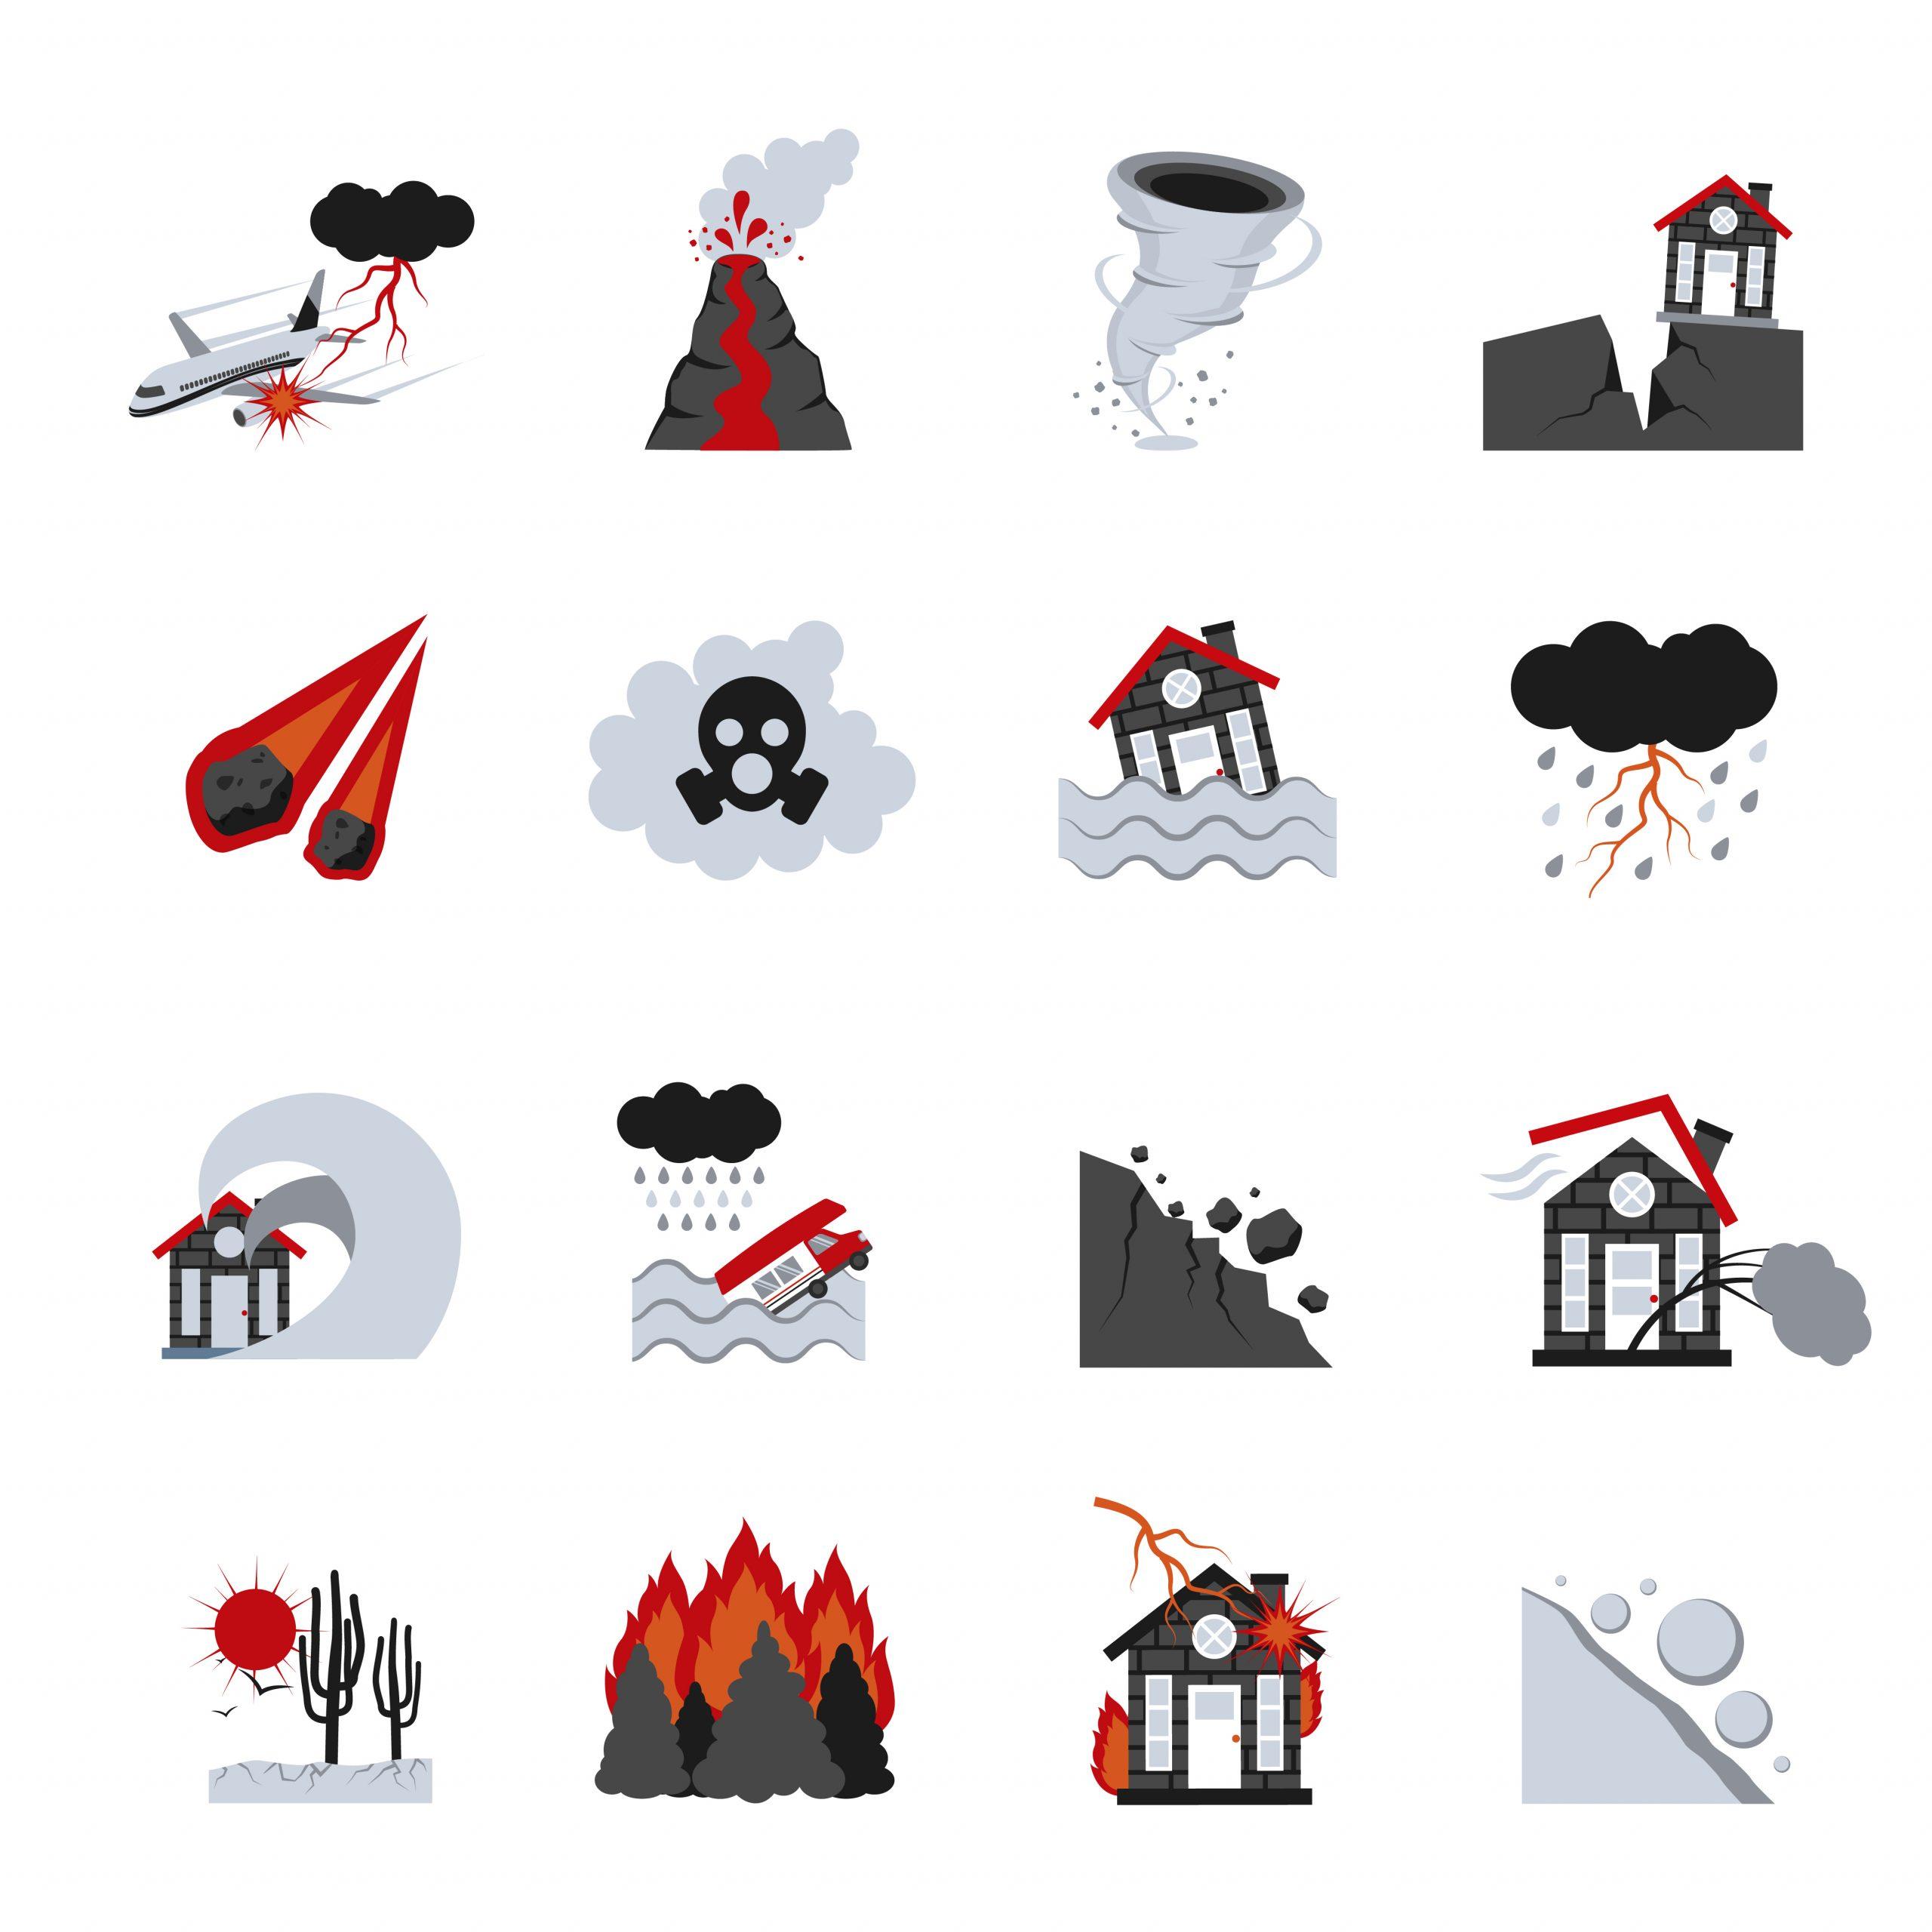 Ensemble D'icônes De Catastrophes Naturelles avec Jeux De Catastrophe Naturel Gratuit